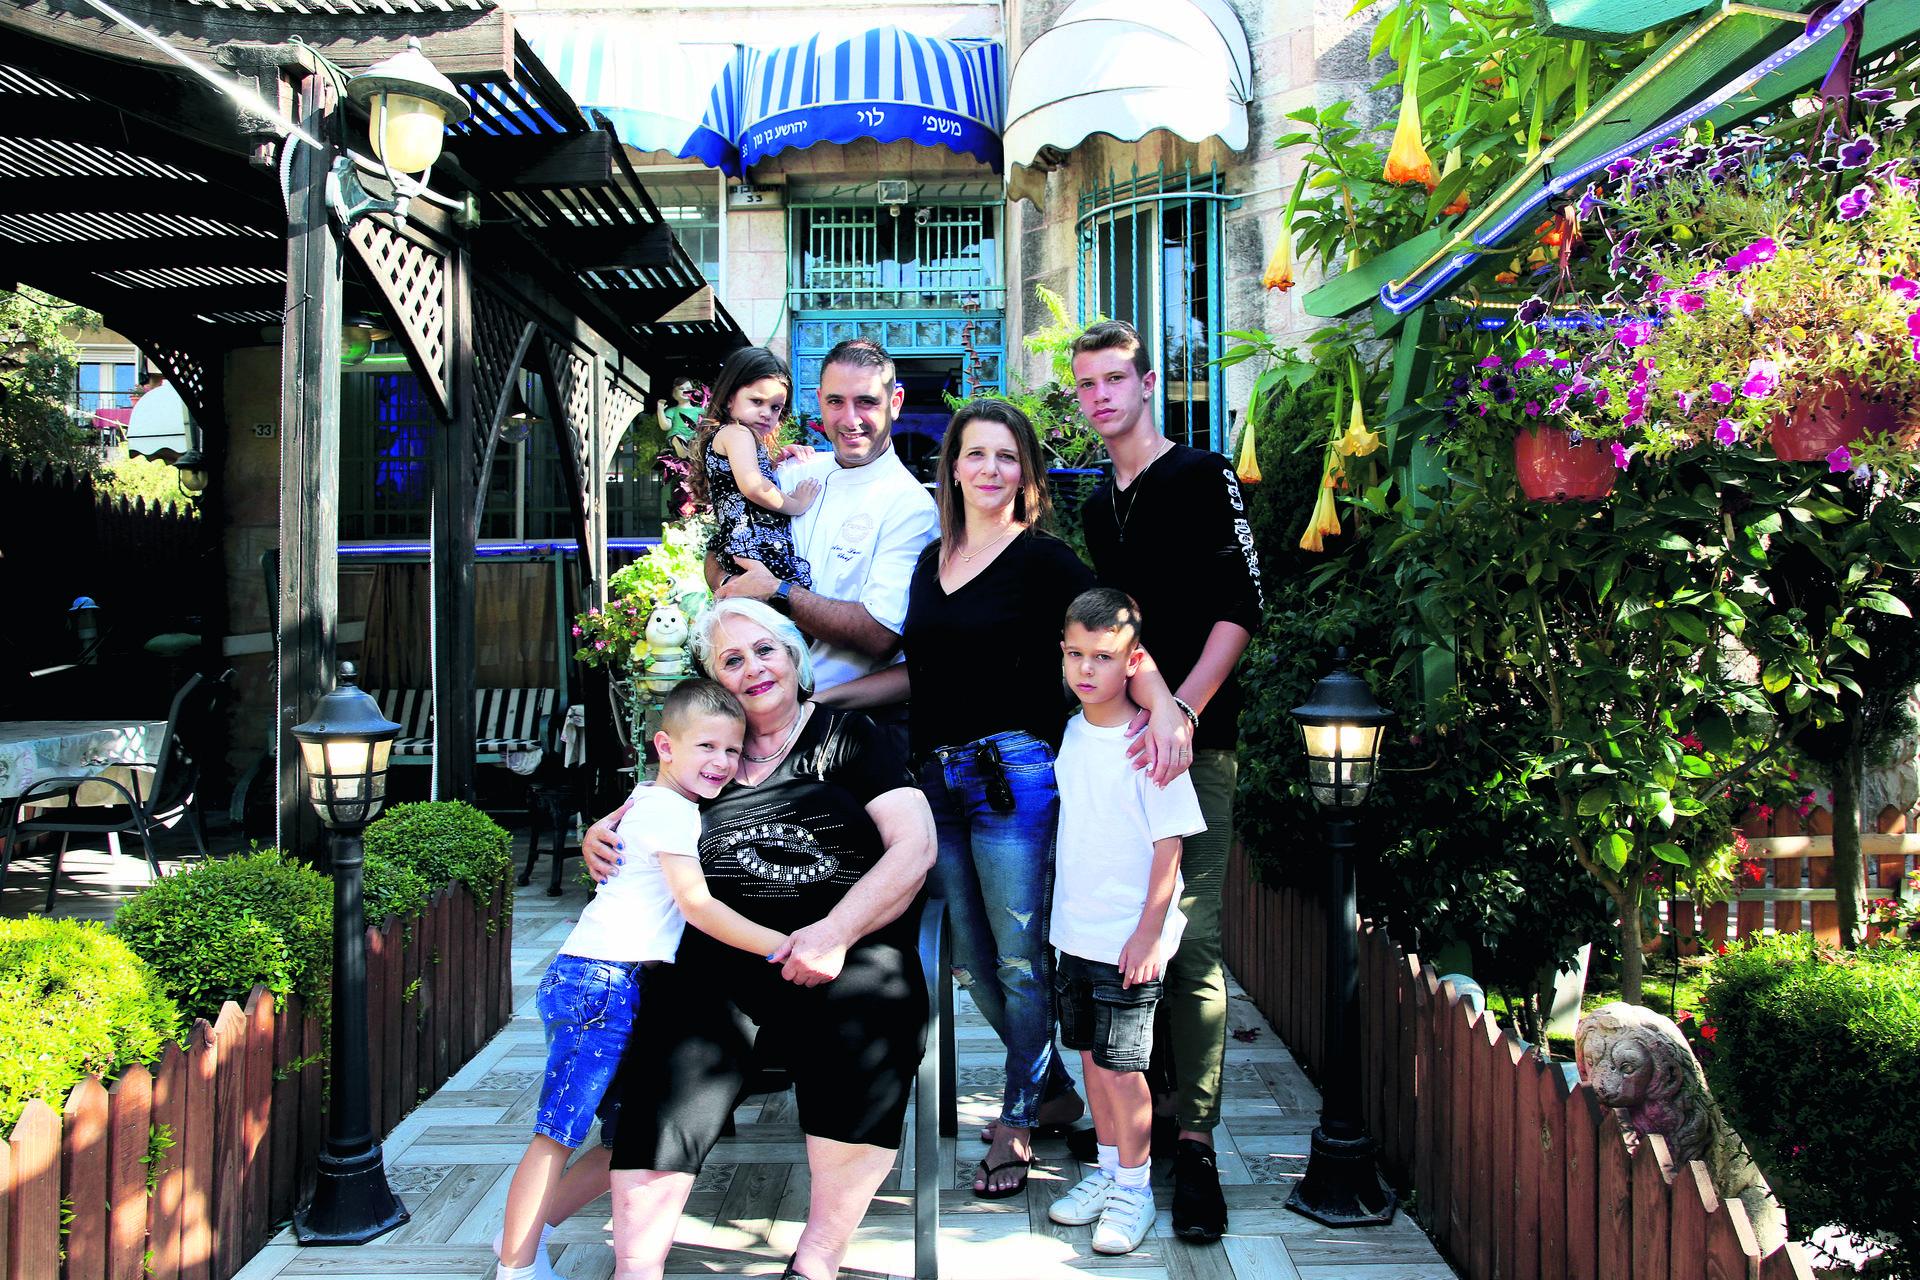 """משפחת לוי. """"כל השנים הייתי מובטל ופתאום כל המשפחה שלי עובדת בעסק""""   צילום: ריאן"""